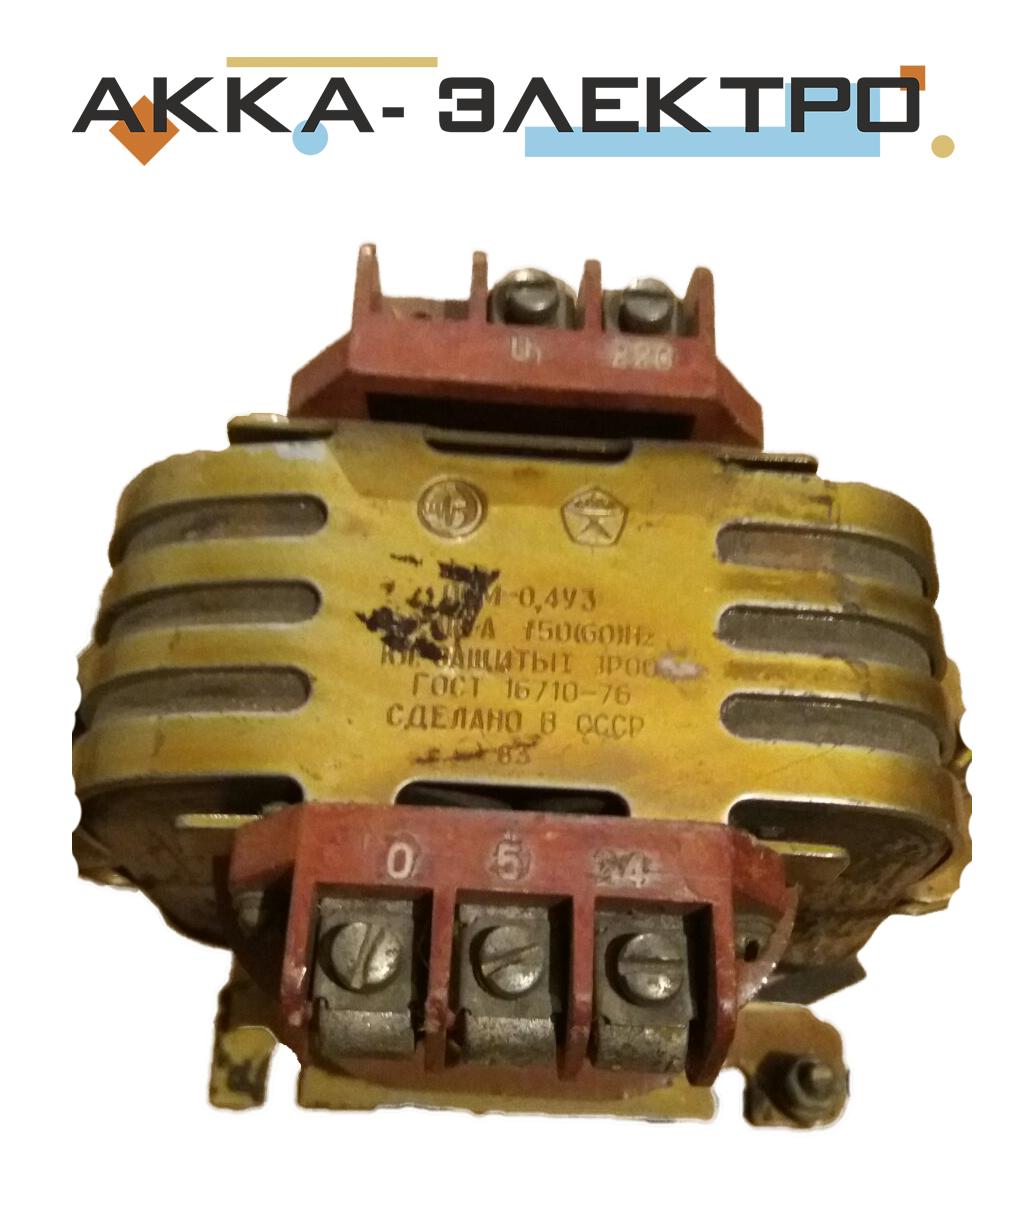 Понижающий трансформатор ОСМ-0,4 У3  220/0/5/24 (400Вт)